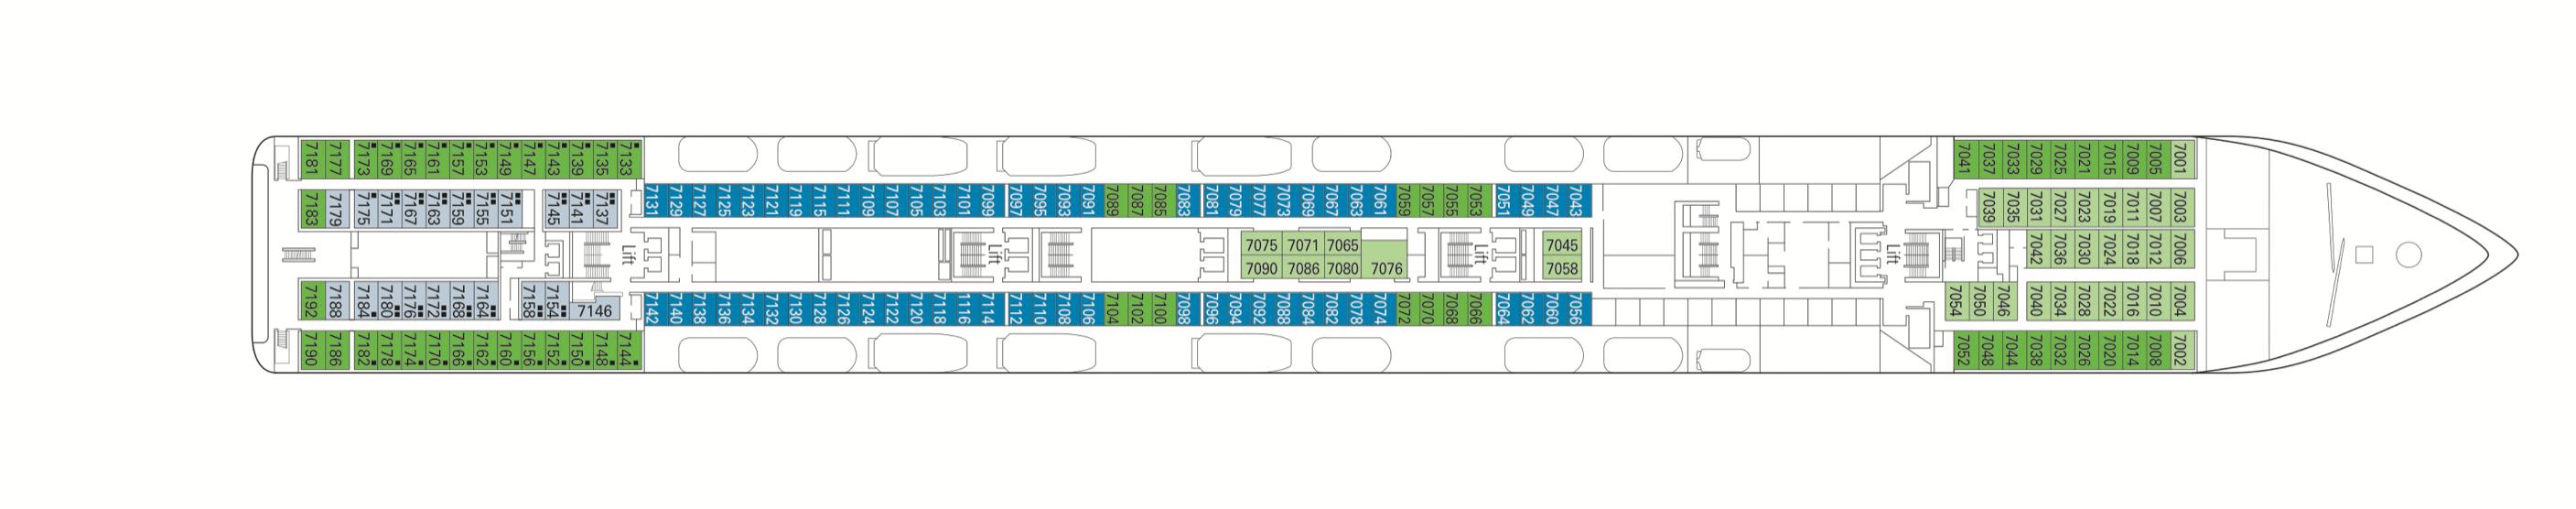 MSC Lirica Class Lirica Deck 7.jpg